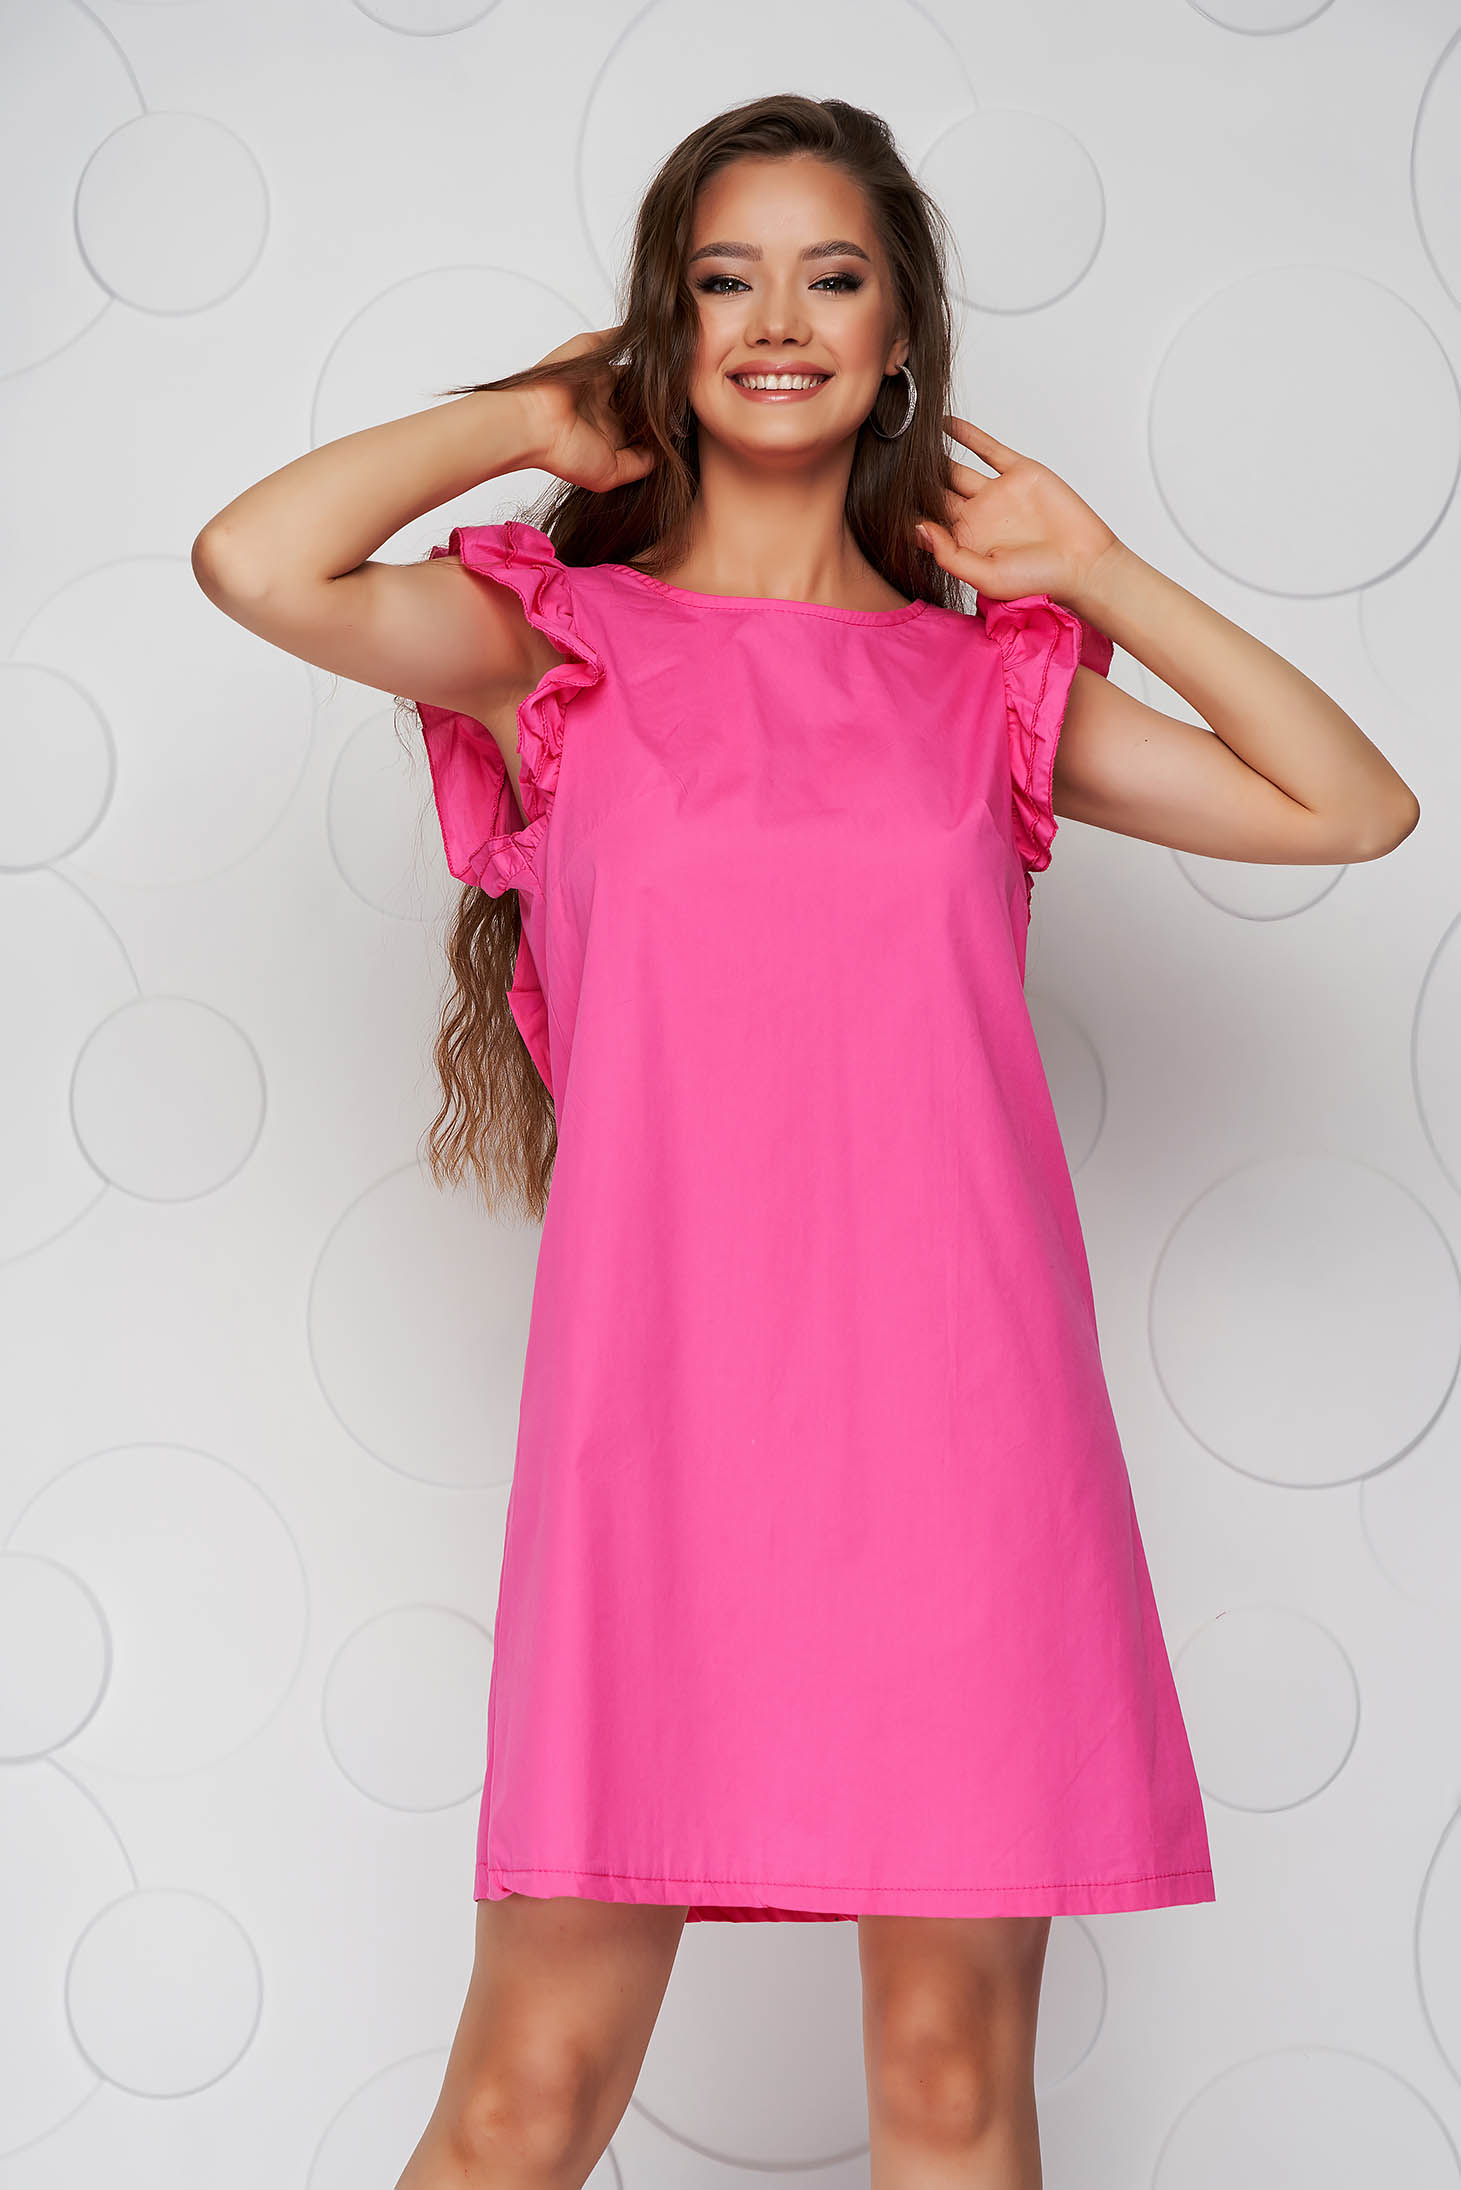 Rochie roz din poplin cu croi in a cu volanase si fundita in partea din spate